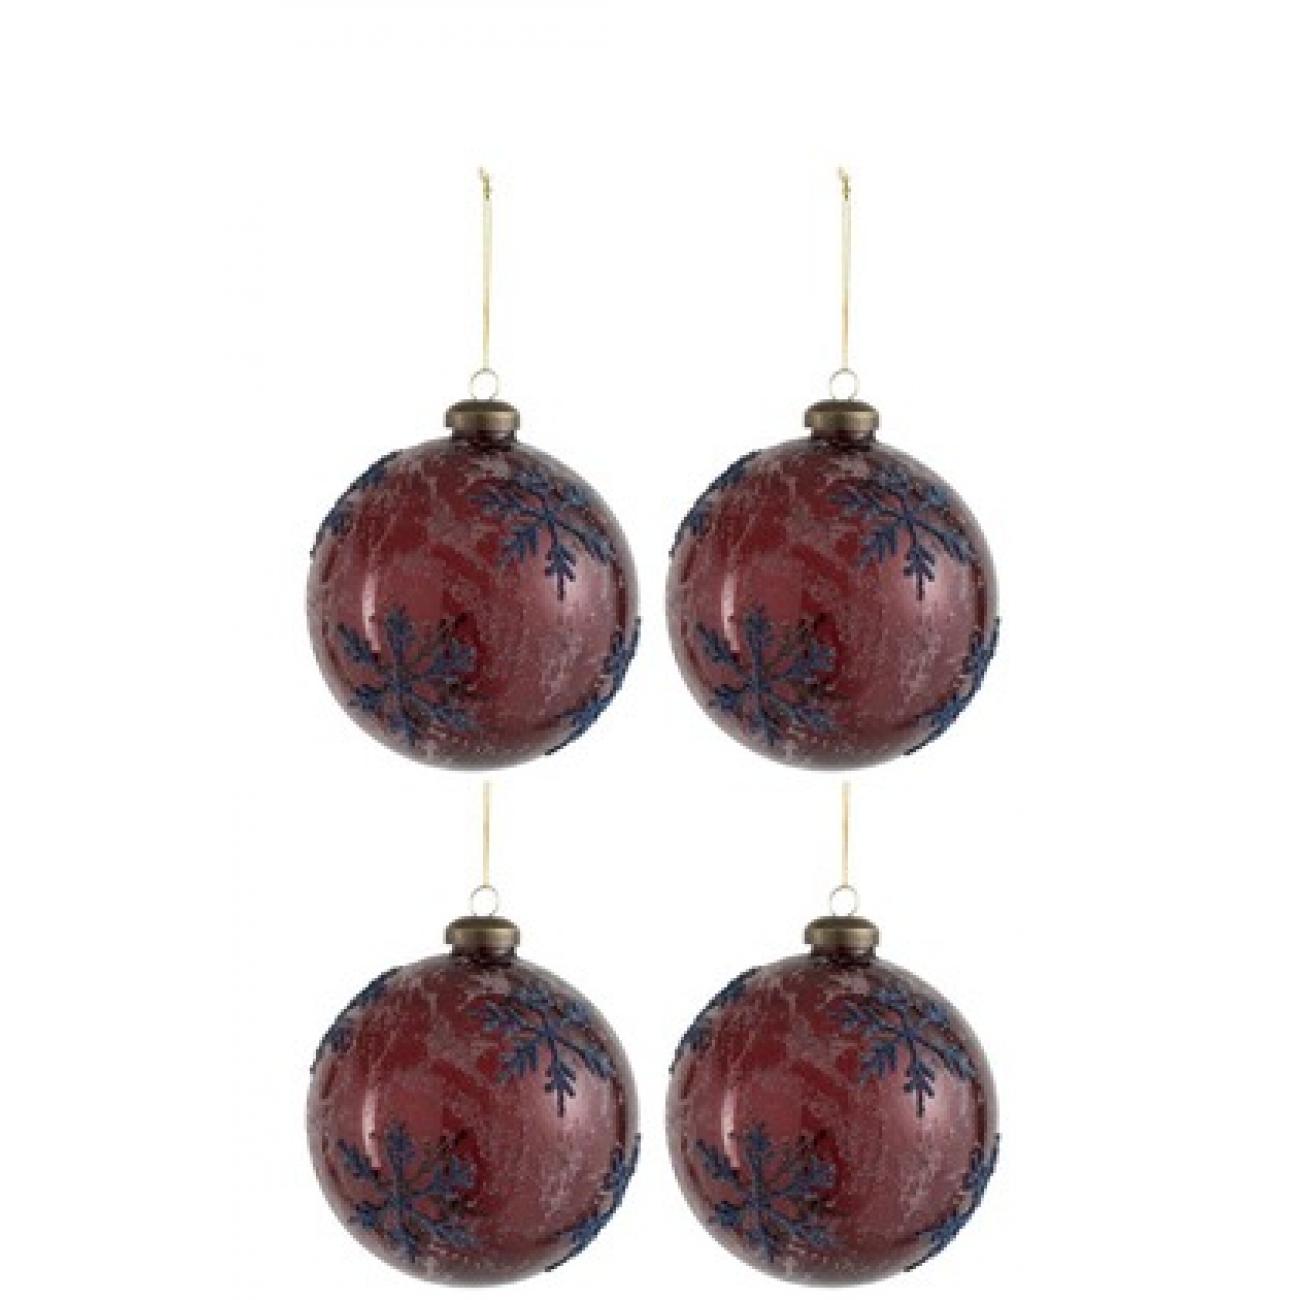 Набор елочных стеклянных шаров J-LINE бордовые с синими снежинками диаметр 10 см